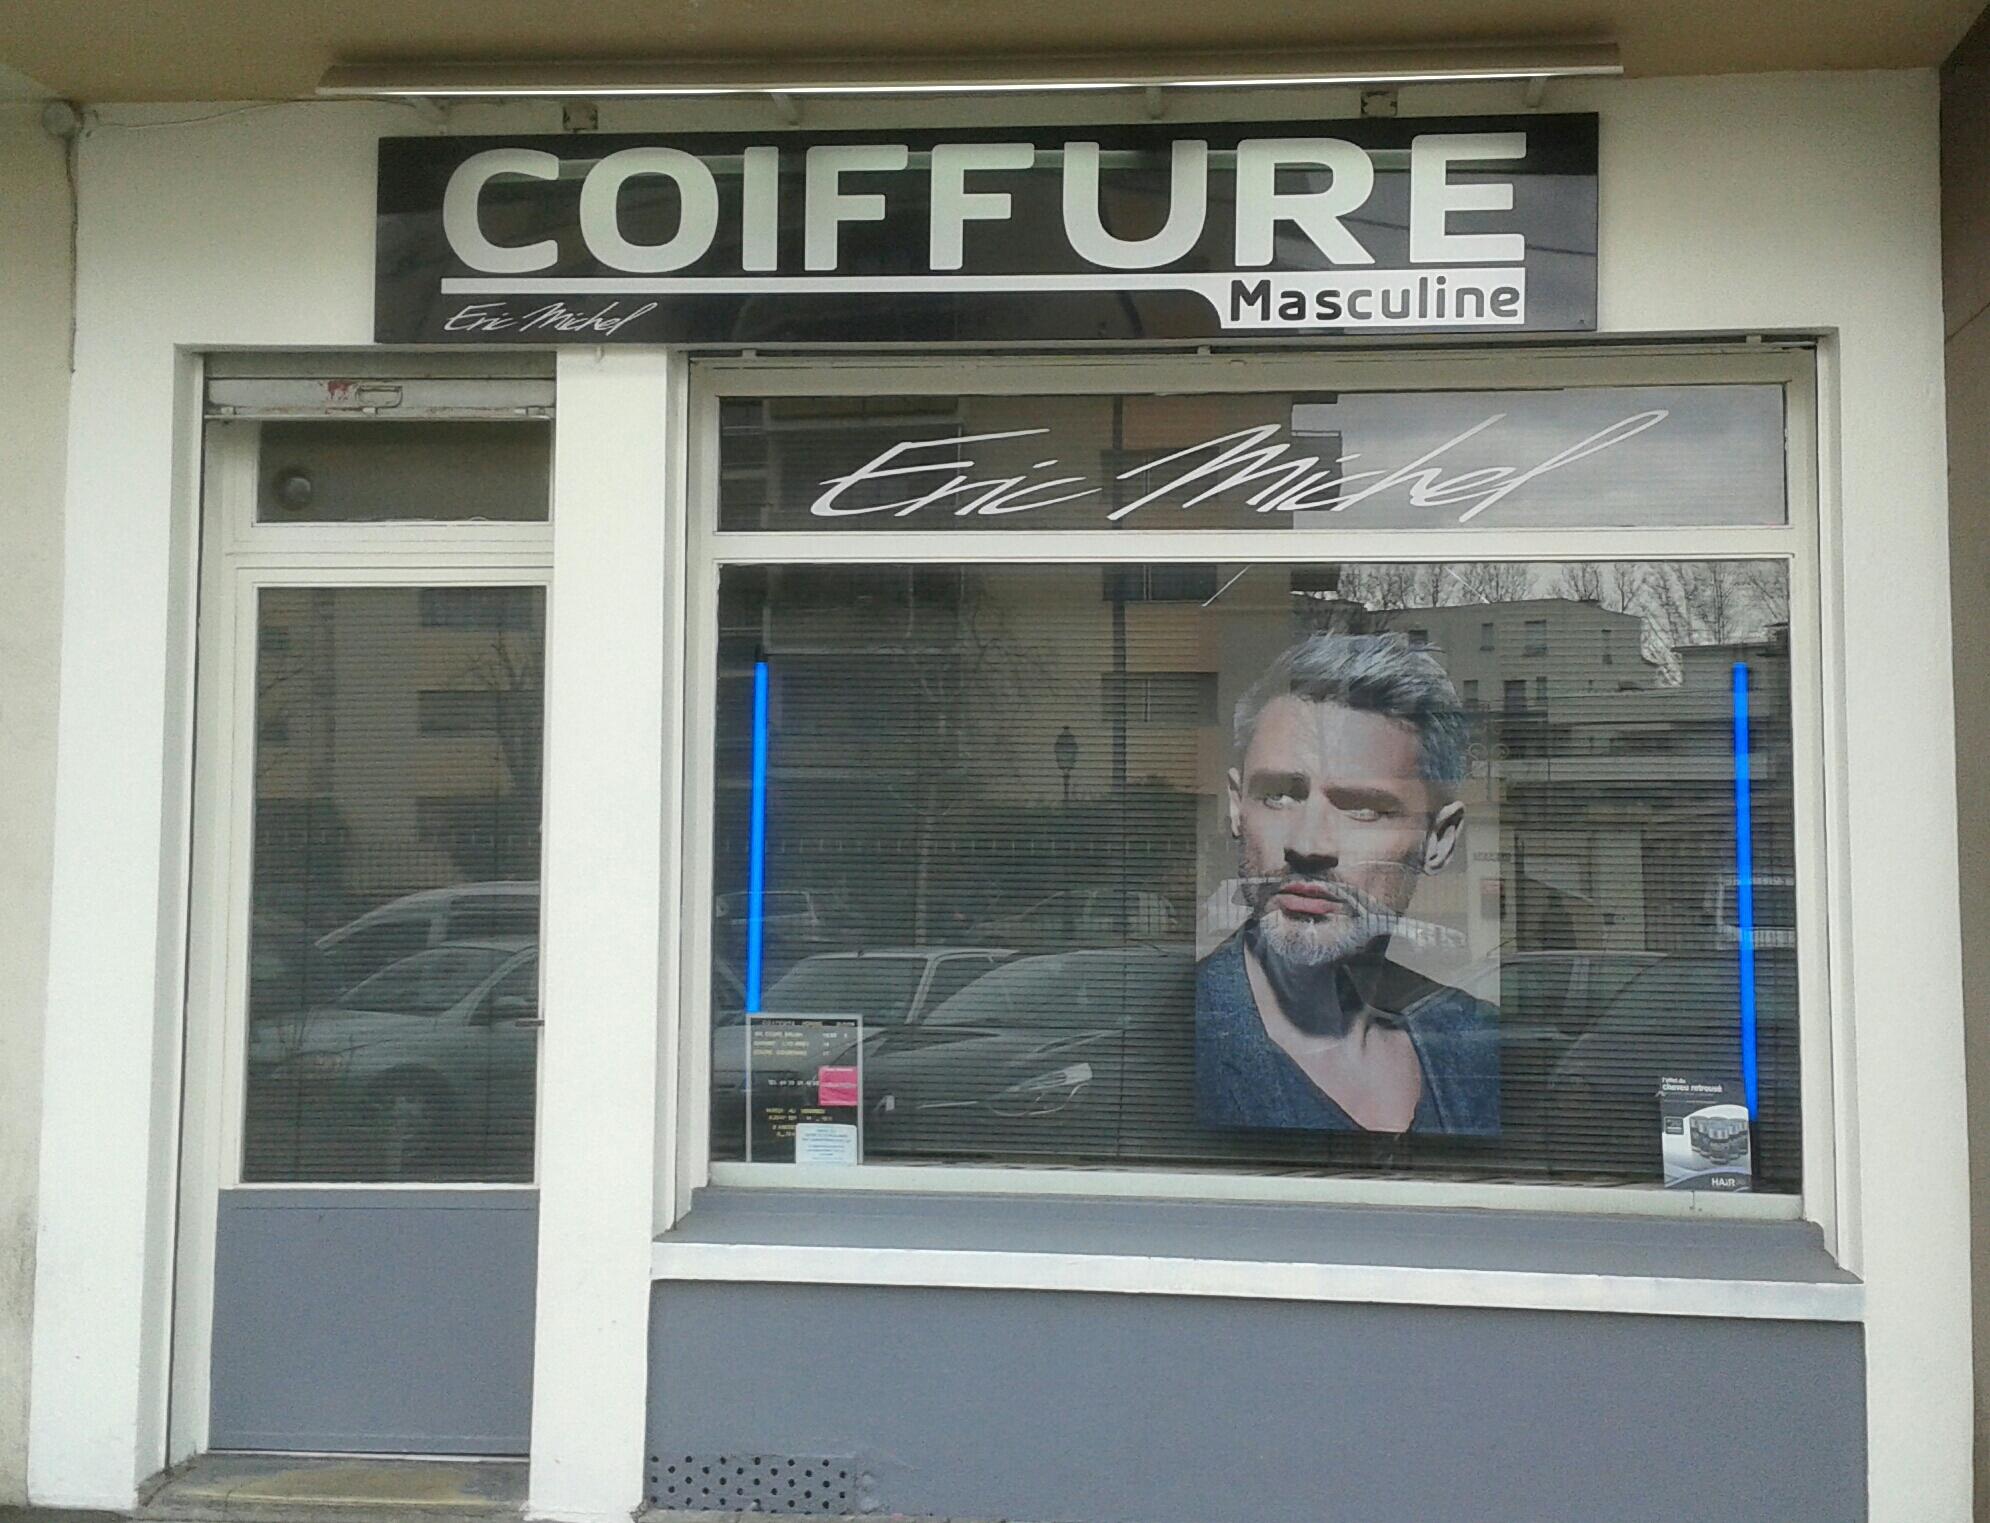 Coiffure masculine eric michel grenoble avis tarifs for Garage grenoble ouvert samedi